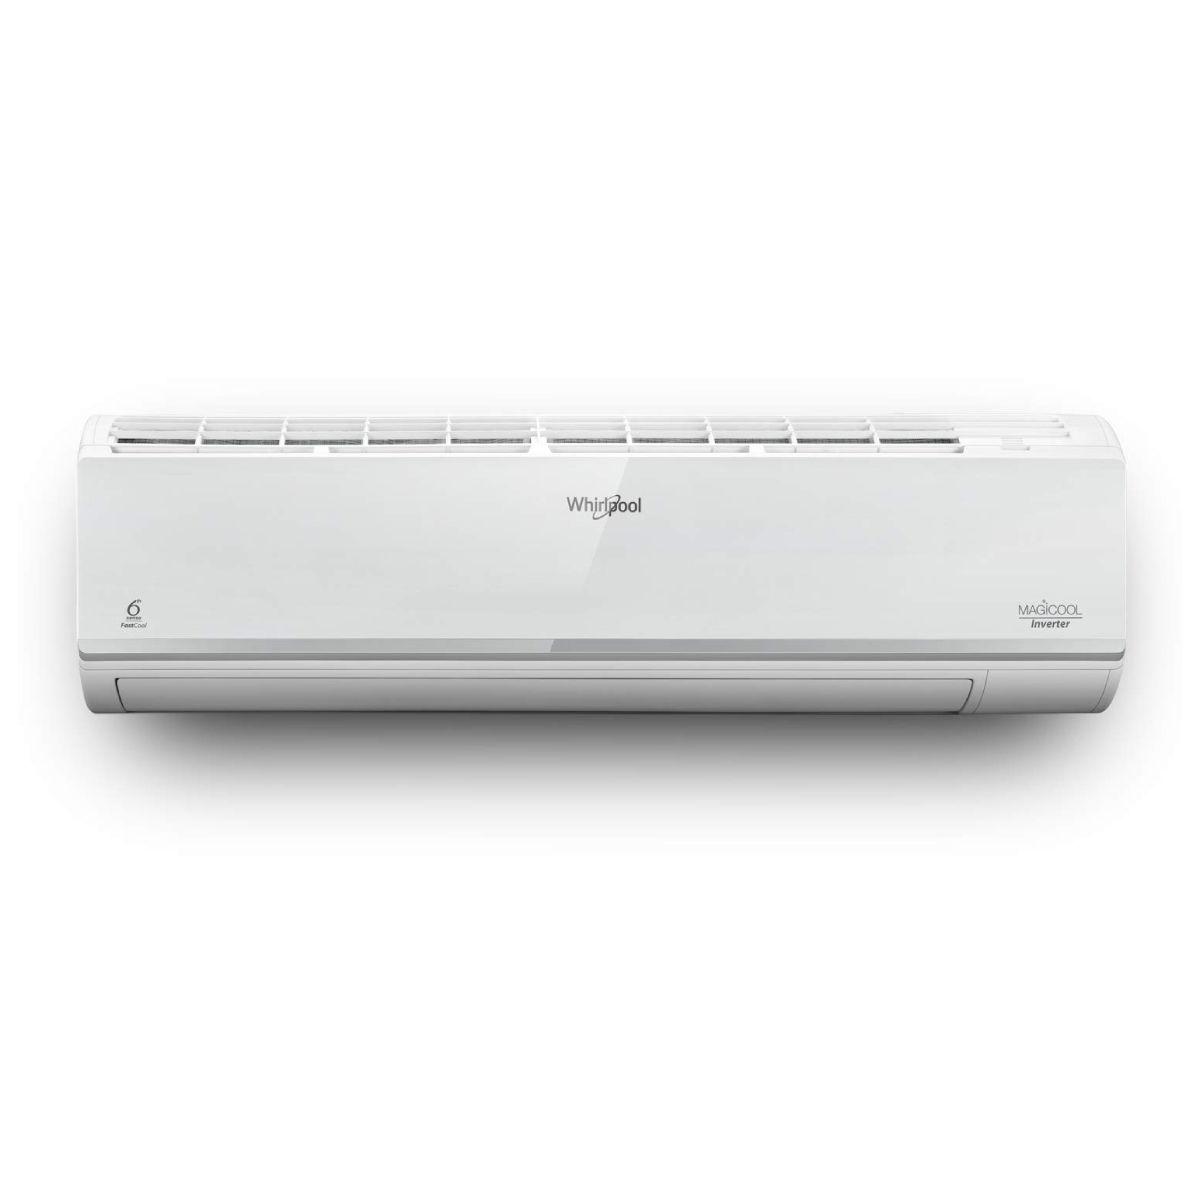 ವಿರ್ಲ್ಪೂಲ್ SAI12B39MC0 1 Ton 3 Star Inverter Split Air Conditioner